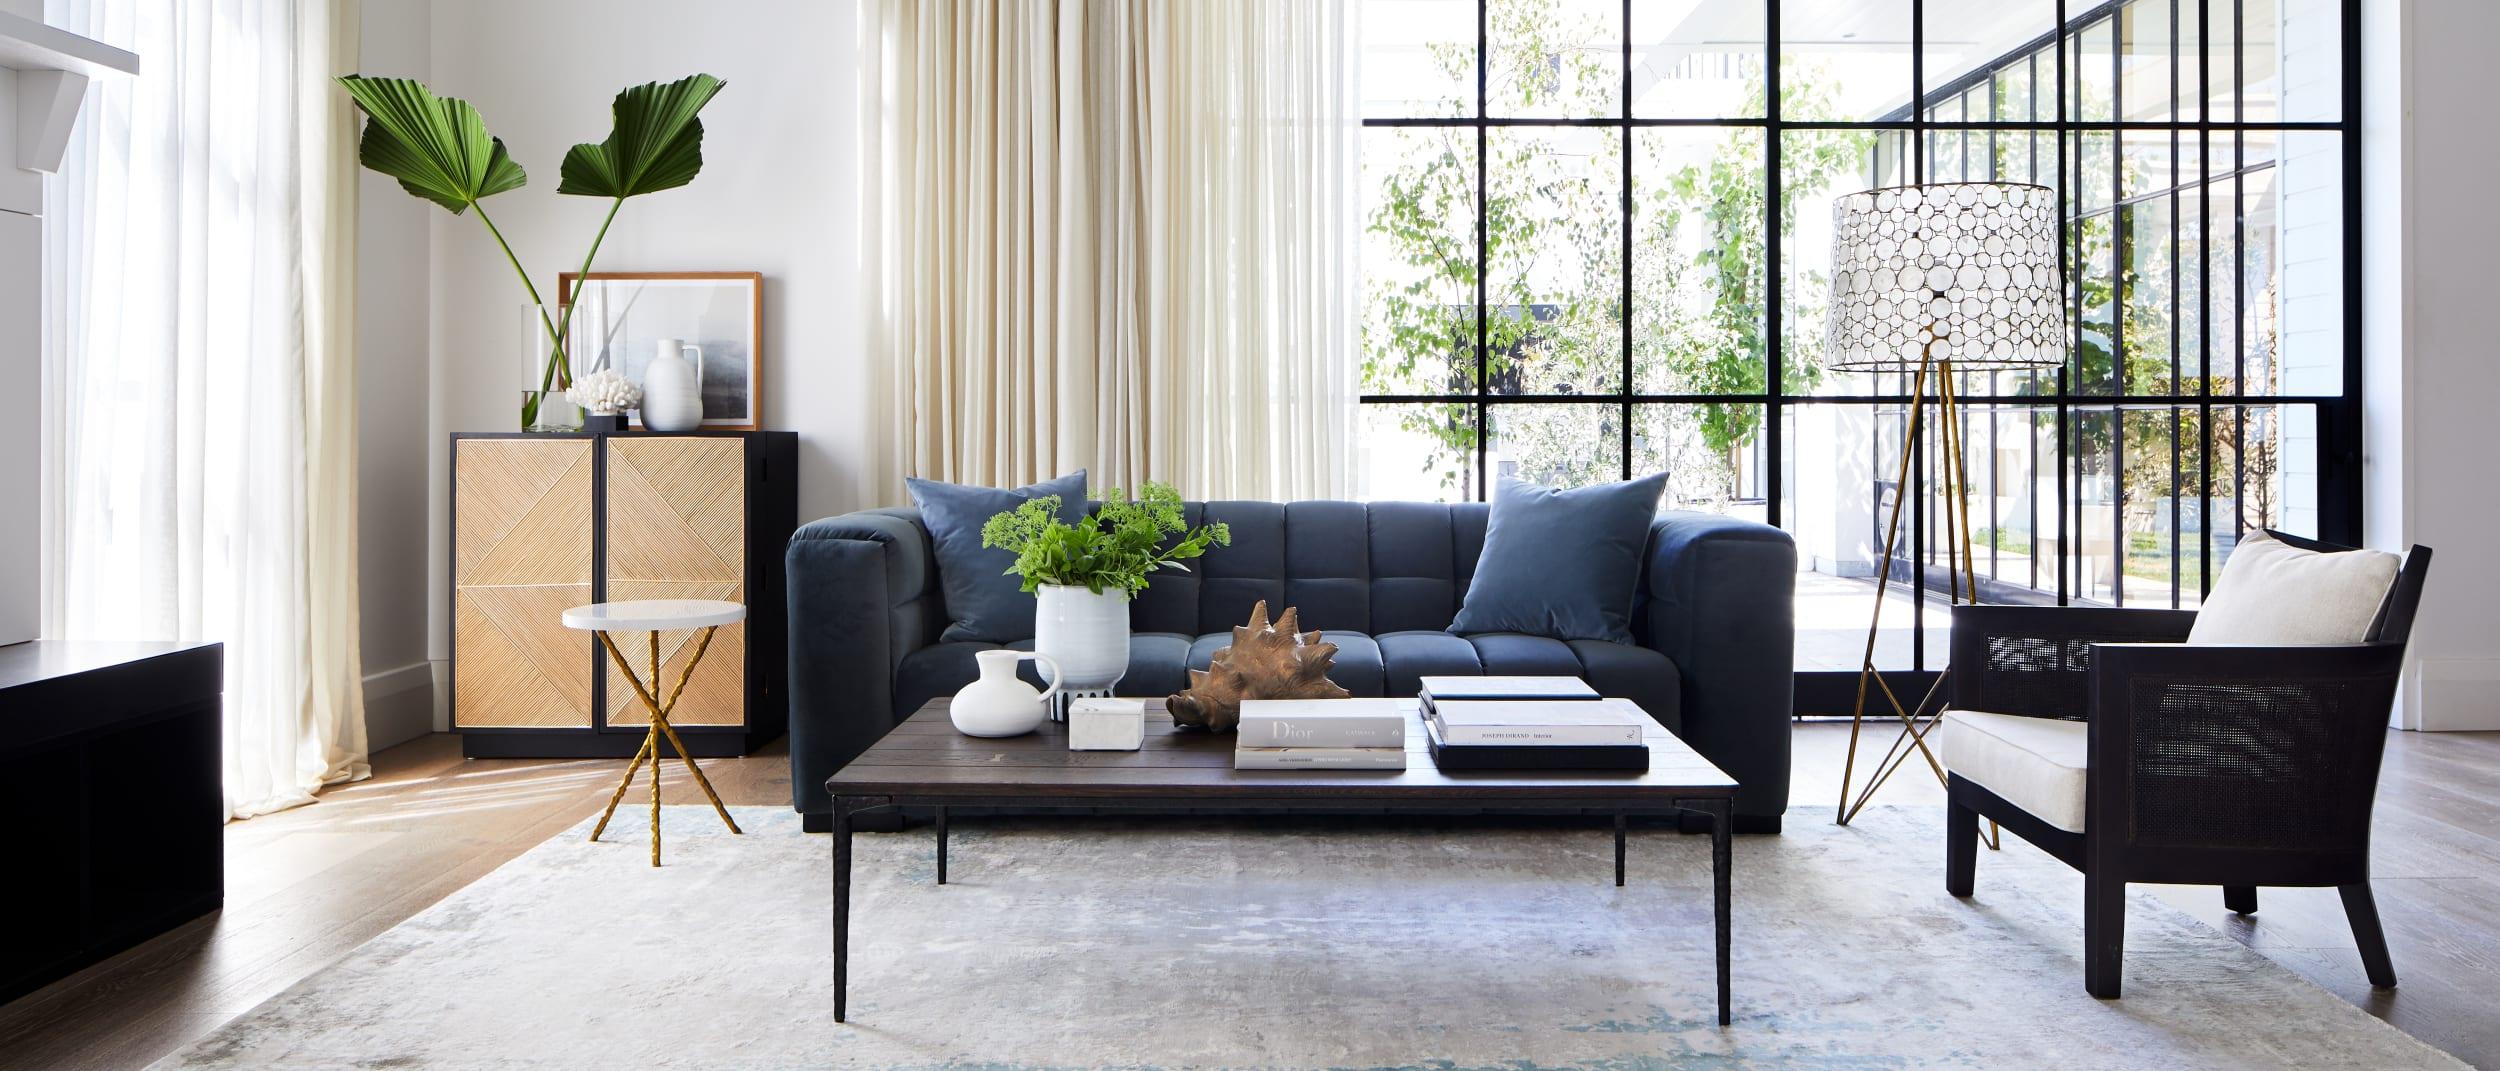 Trend Alert: The Living Room in 2019